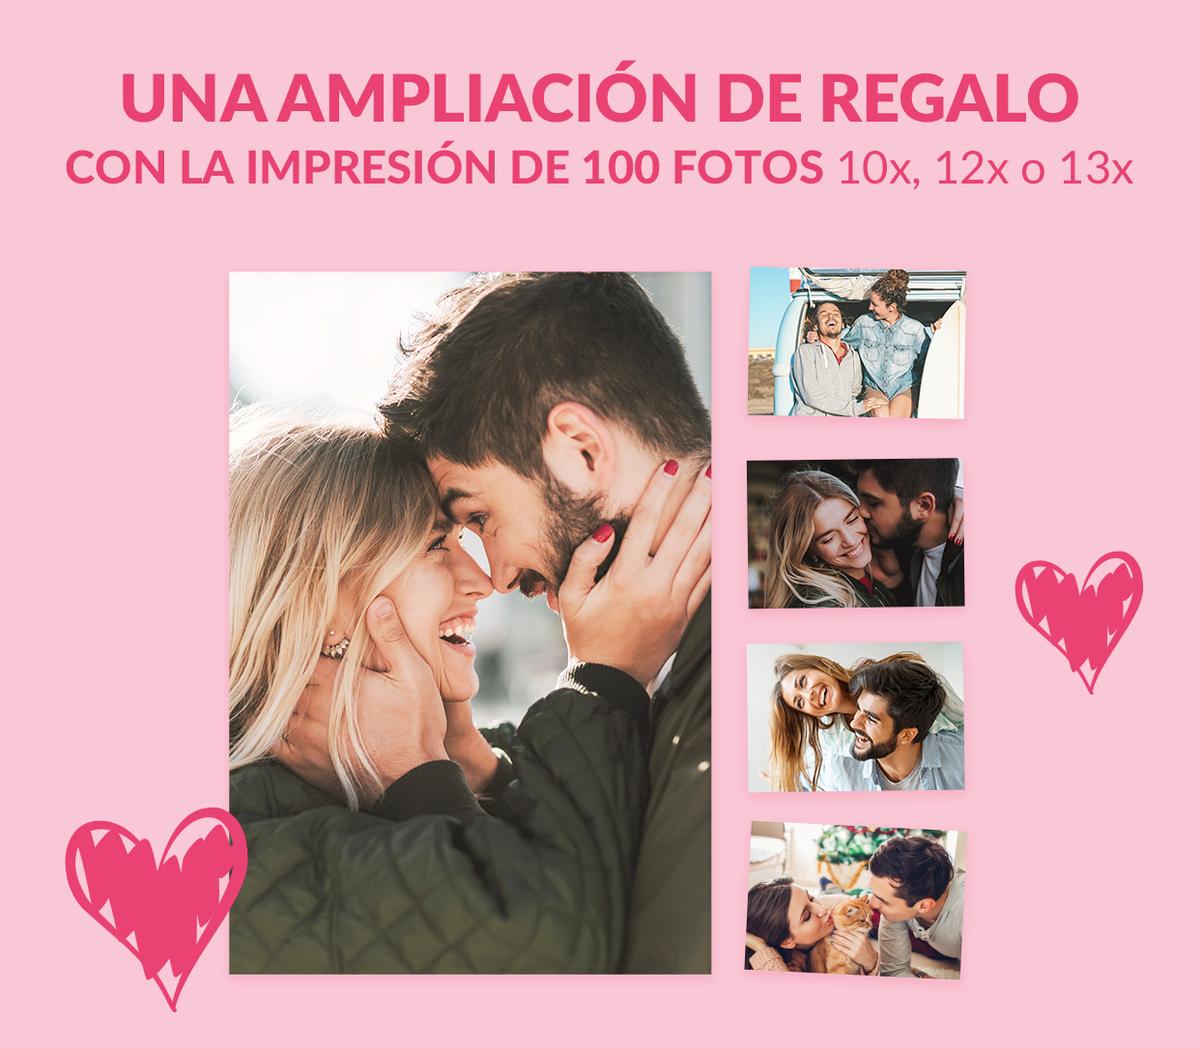 Una ampliación en formato 30×40 o 30×45 de regalo con la impresión de 100 fotos